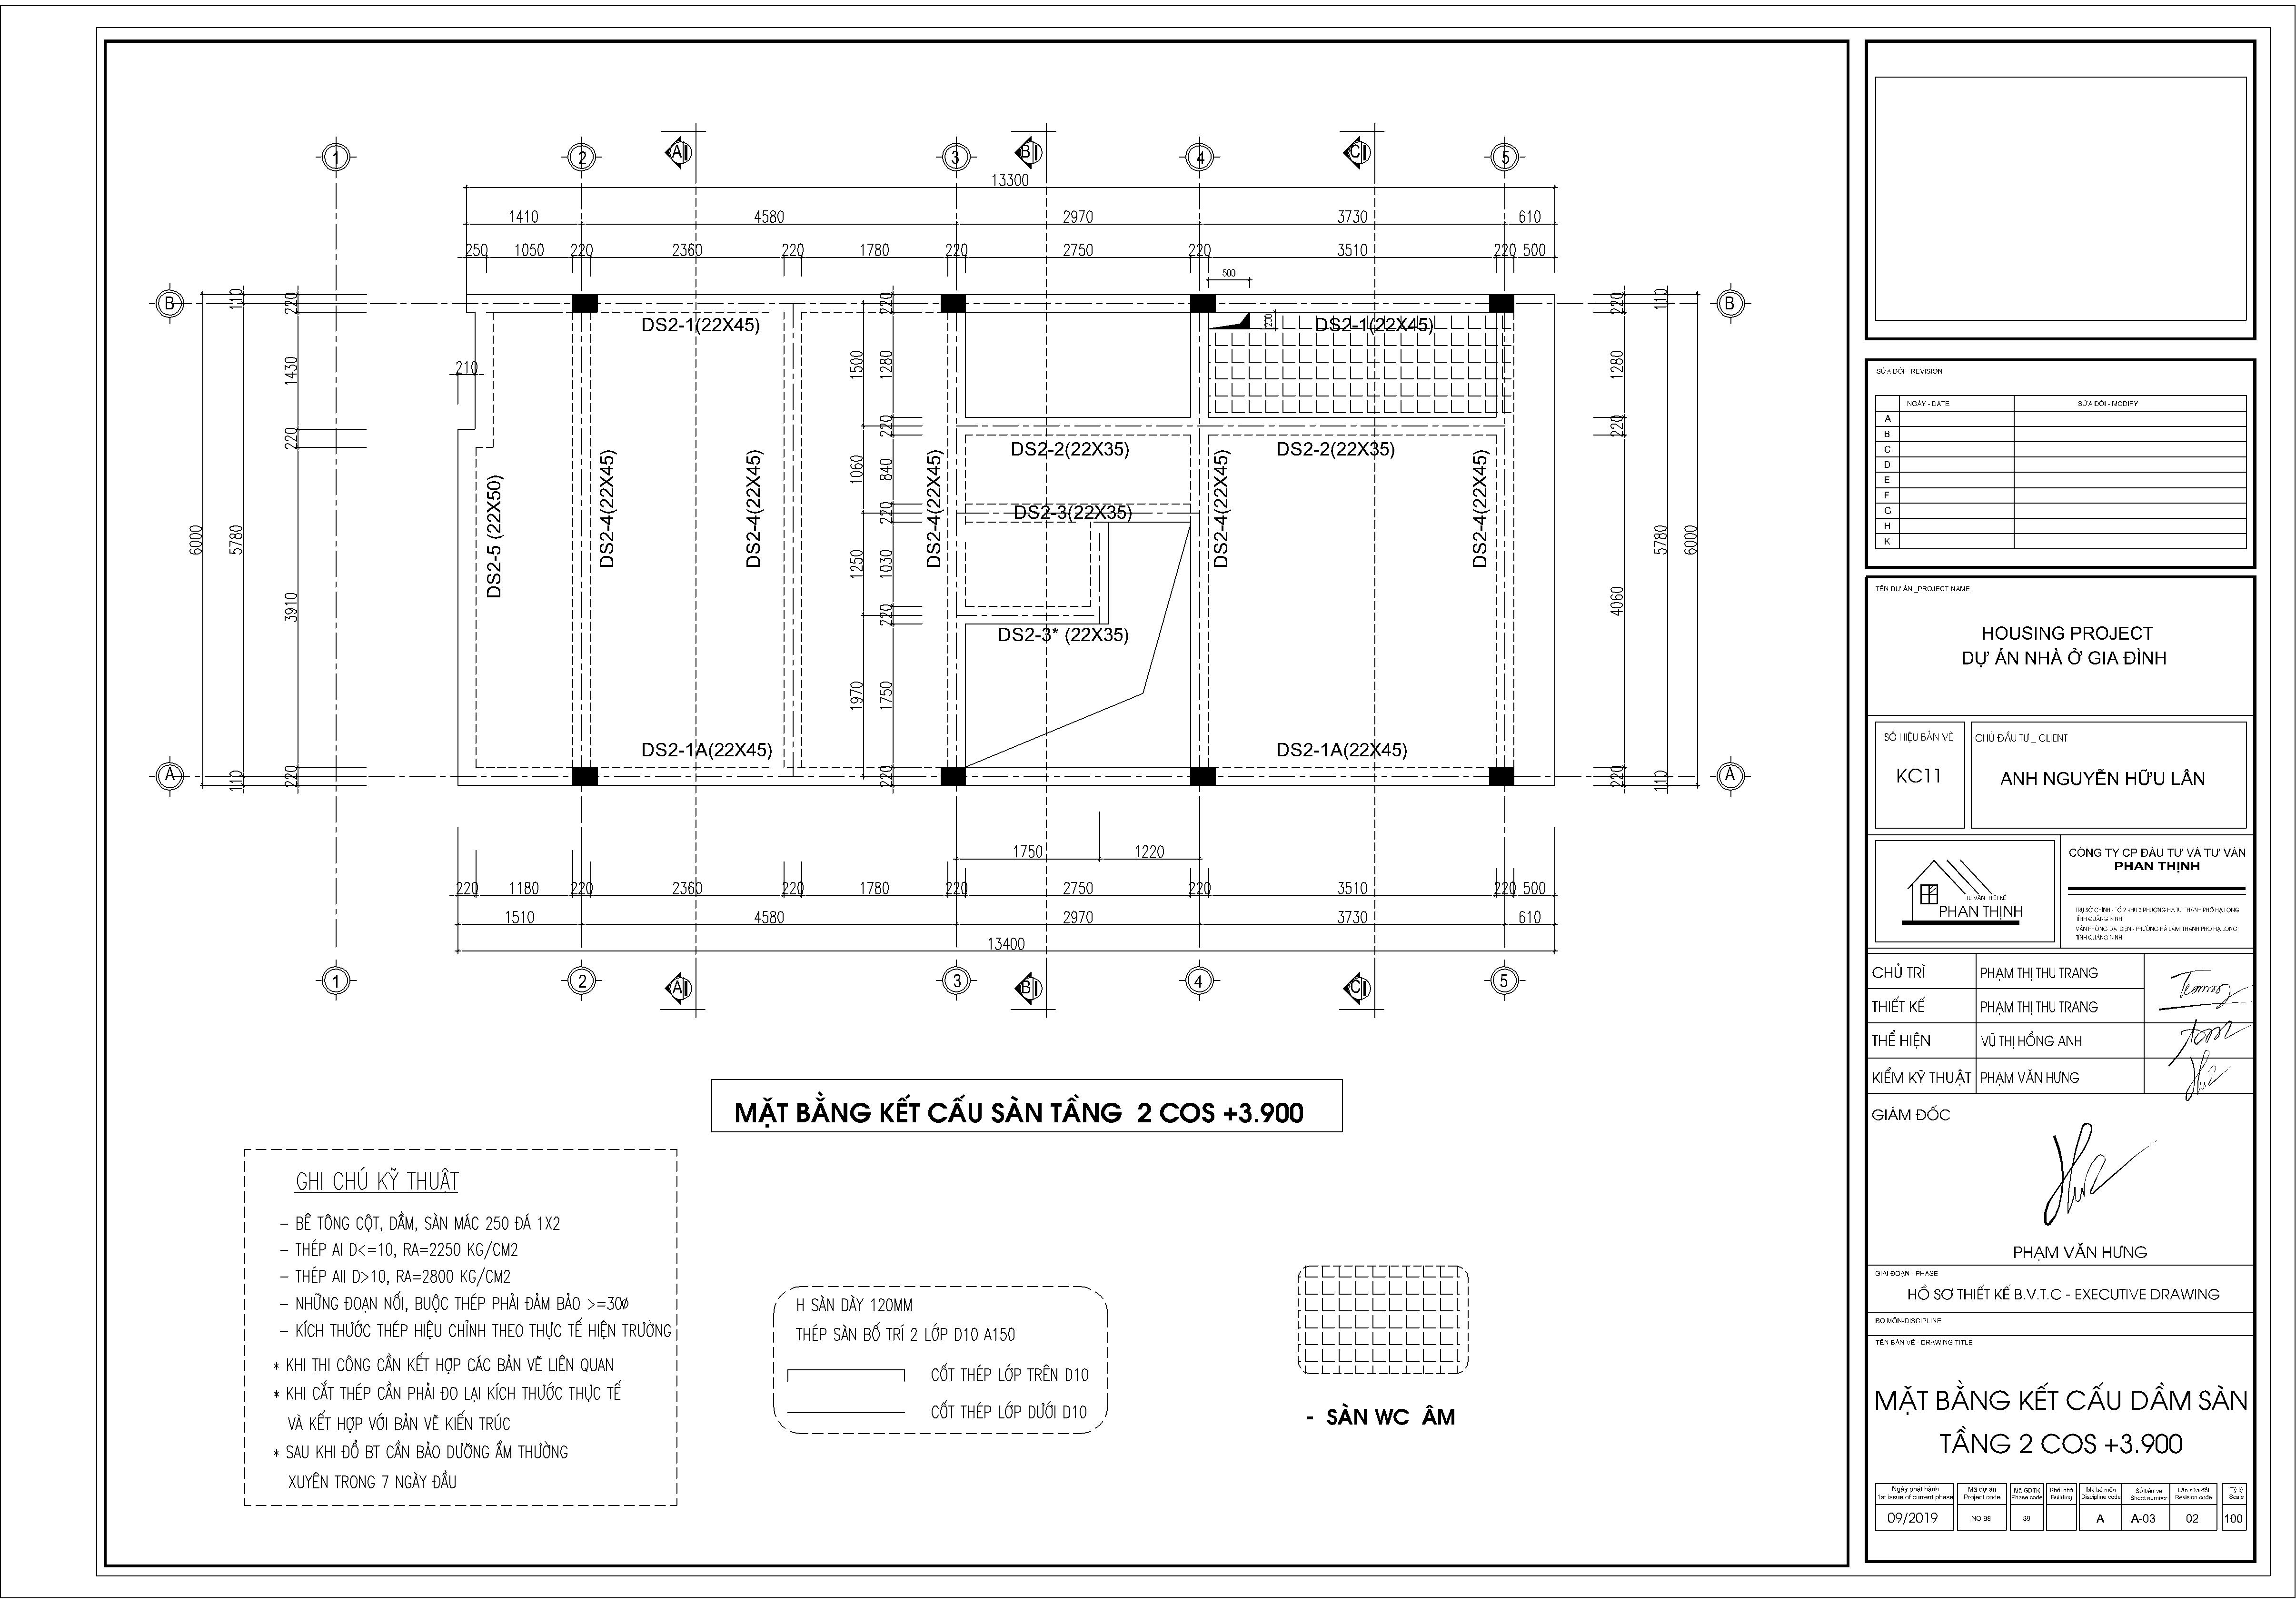 Mặt bằng thiết kế dầm sàn tầng 2